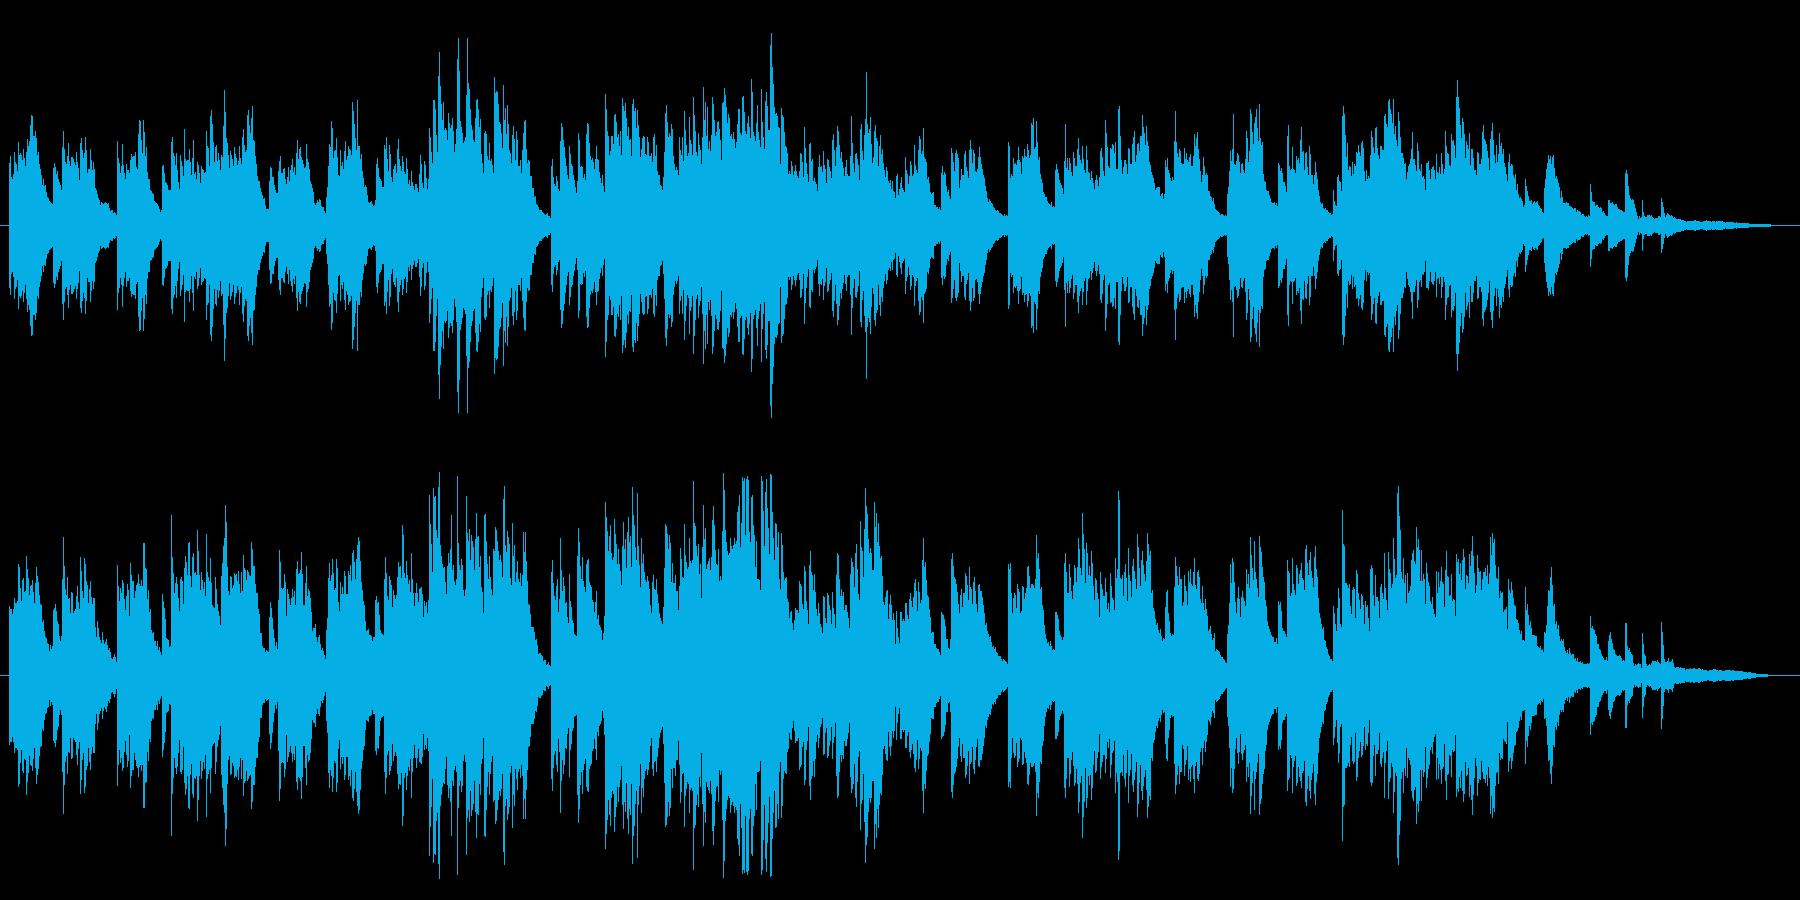 甘く流麗なピアノソロの再生済みの波形